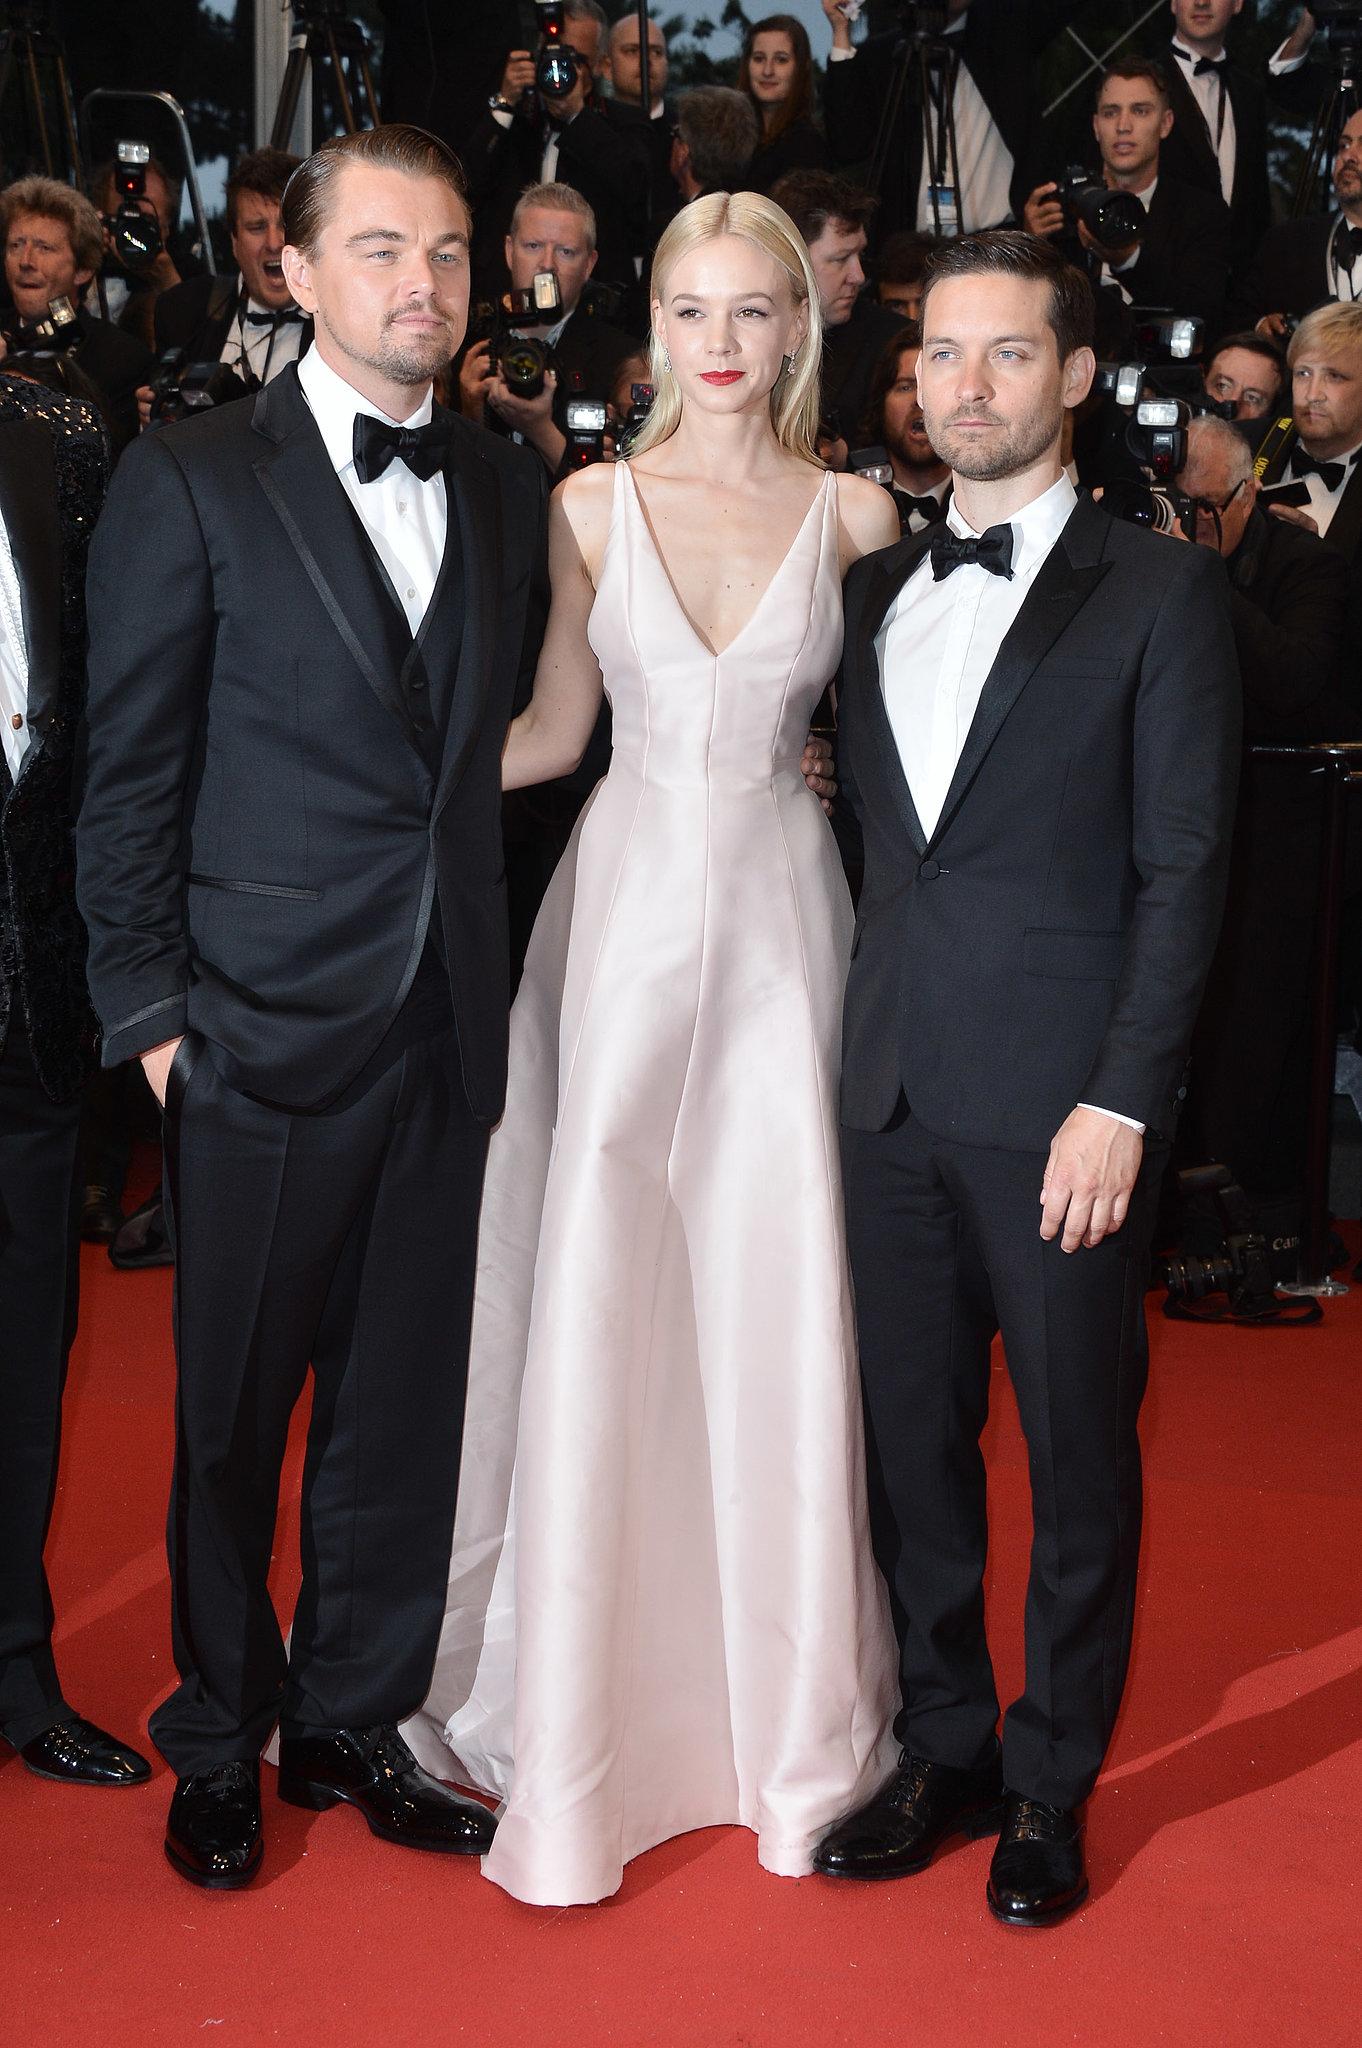 Carey Mulligan posed with her costars Leonardo DiCaprio